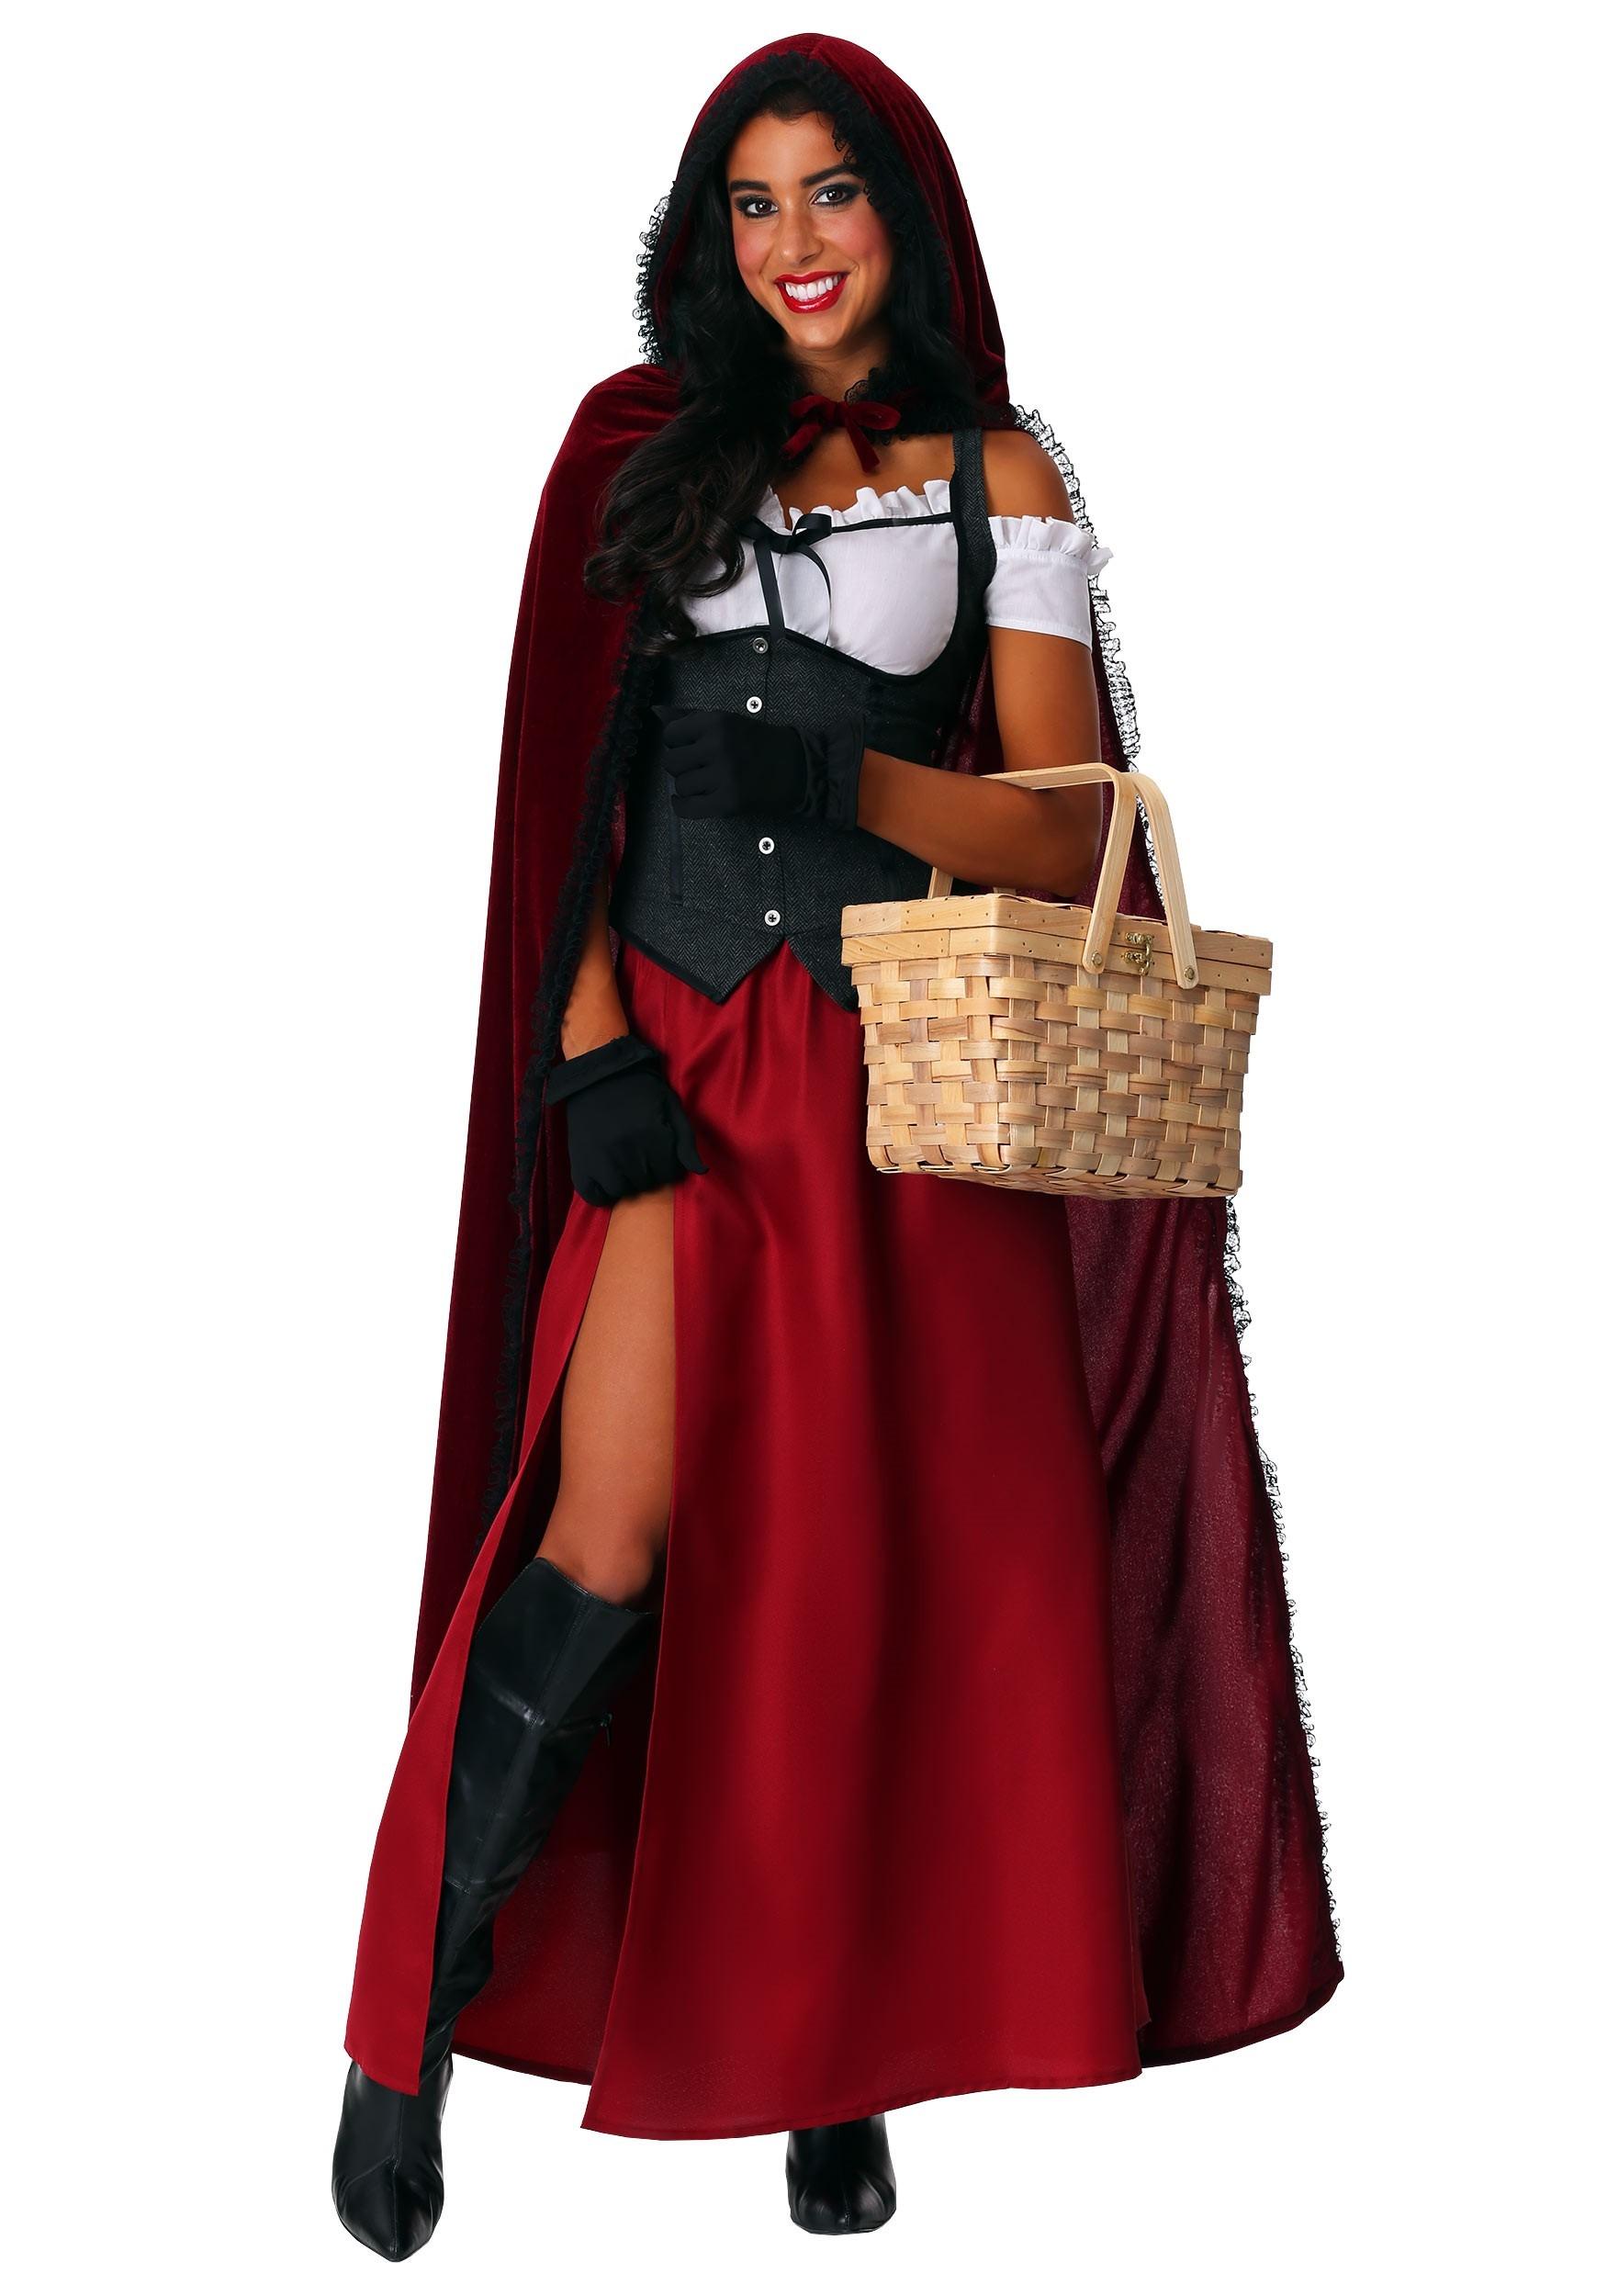 Womens Ravishing Red Riding Hood Costume